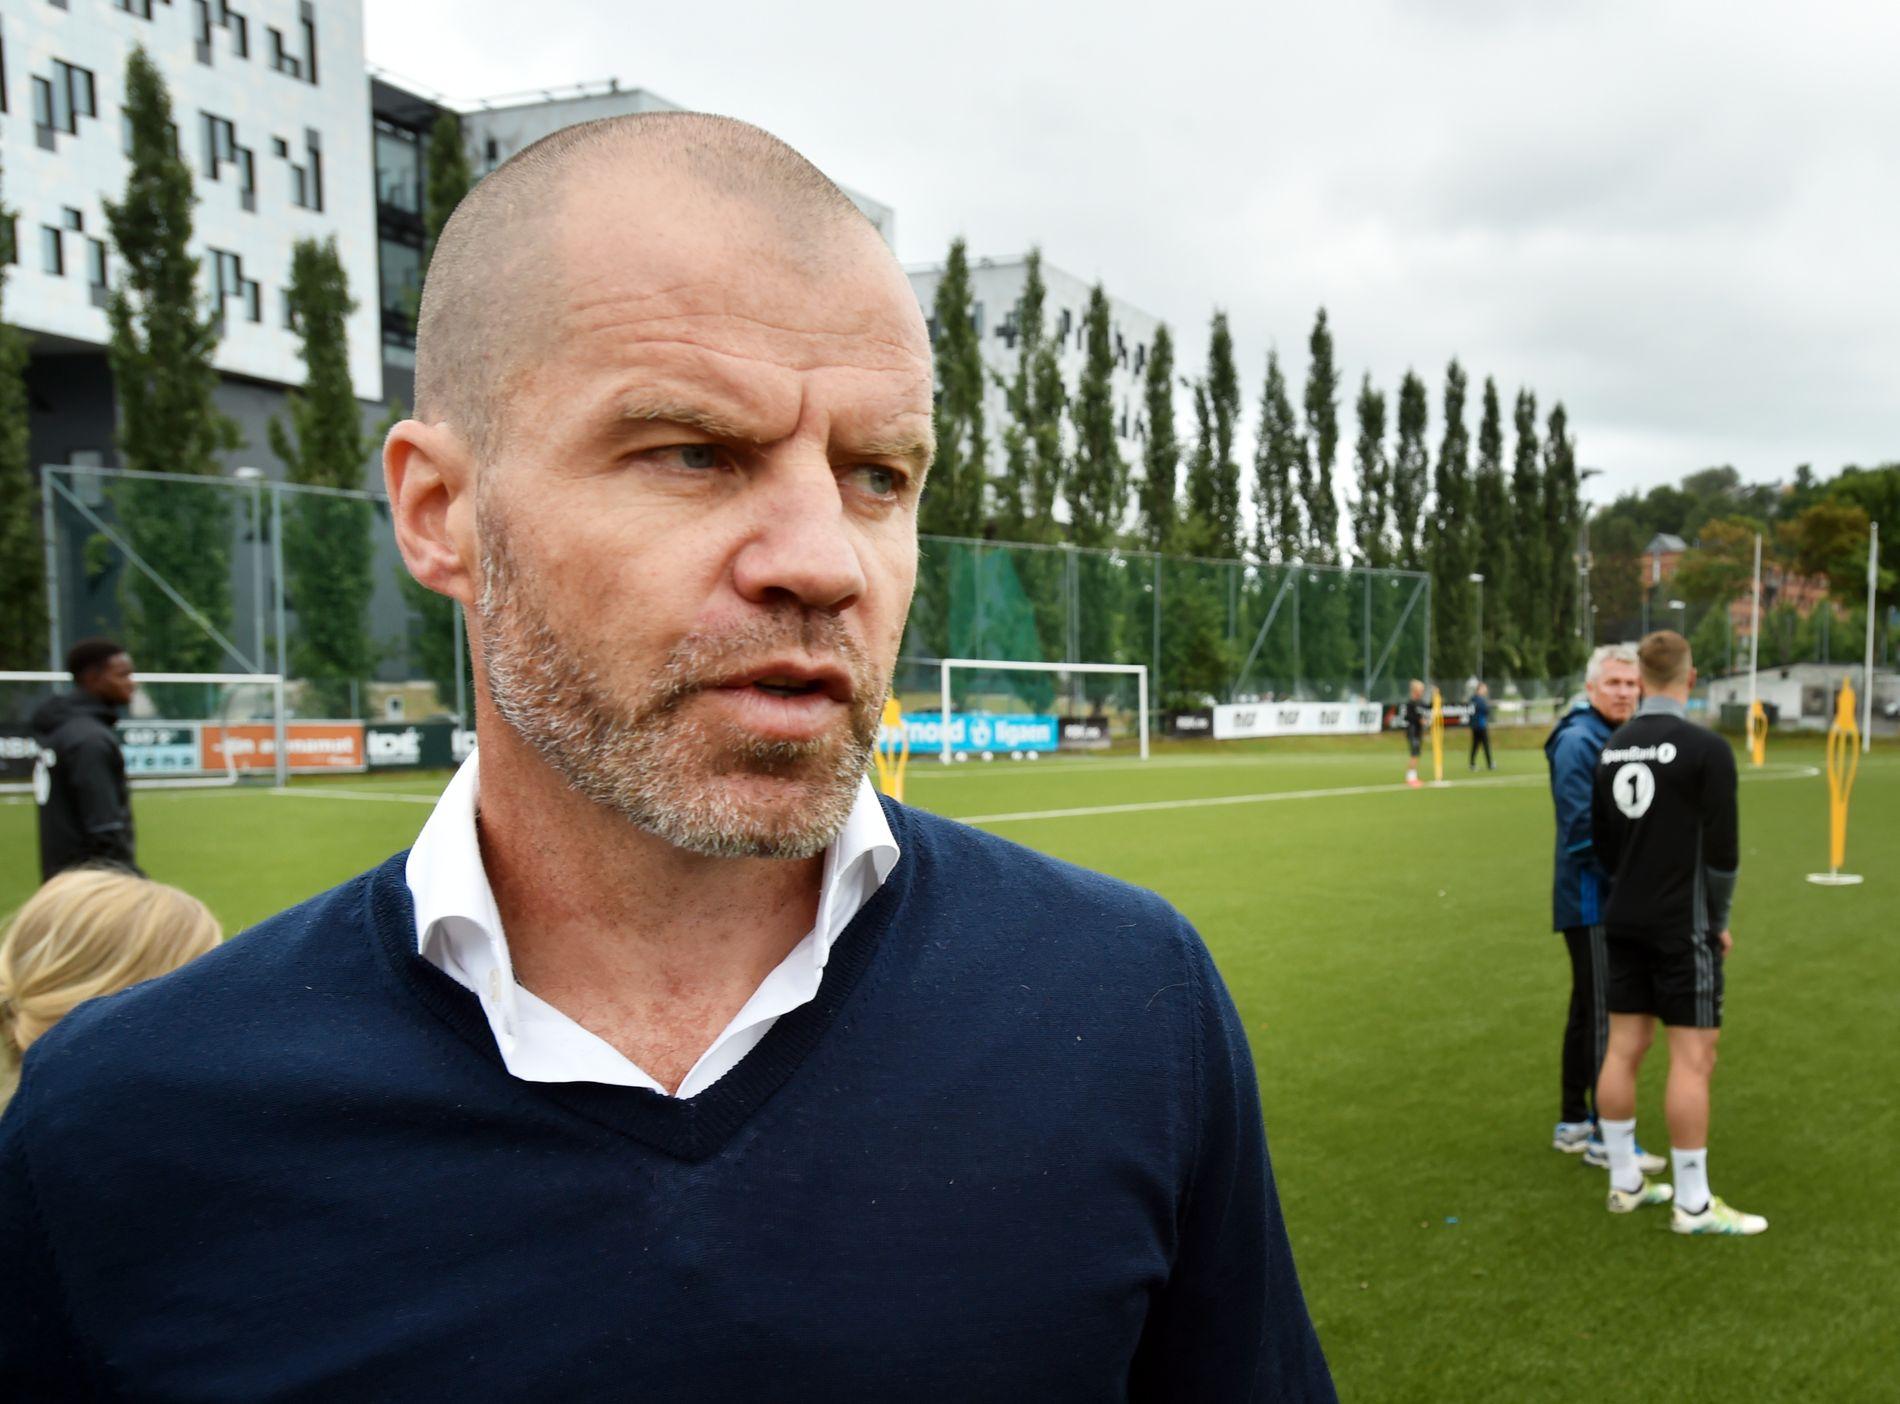 HENTER NYE SPILLERE: Rosenborgs sportslige leder Stig Inge Bjørnebye.